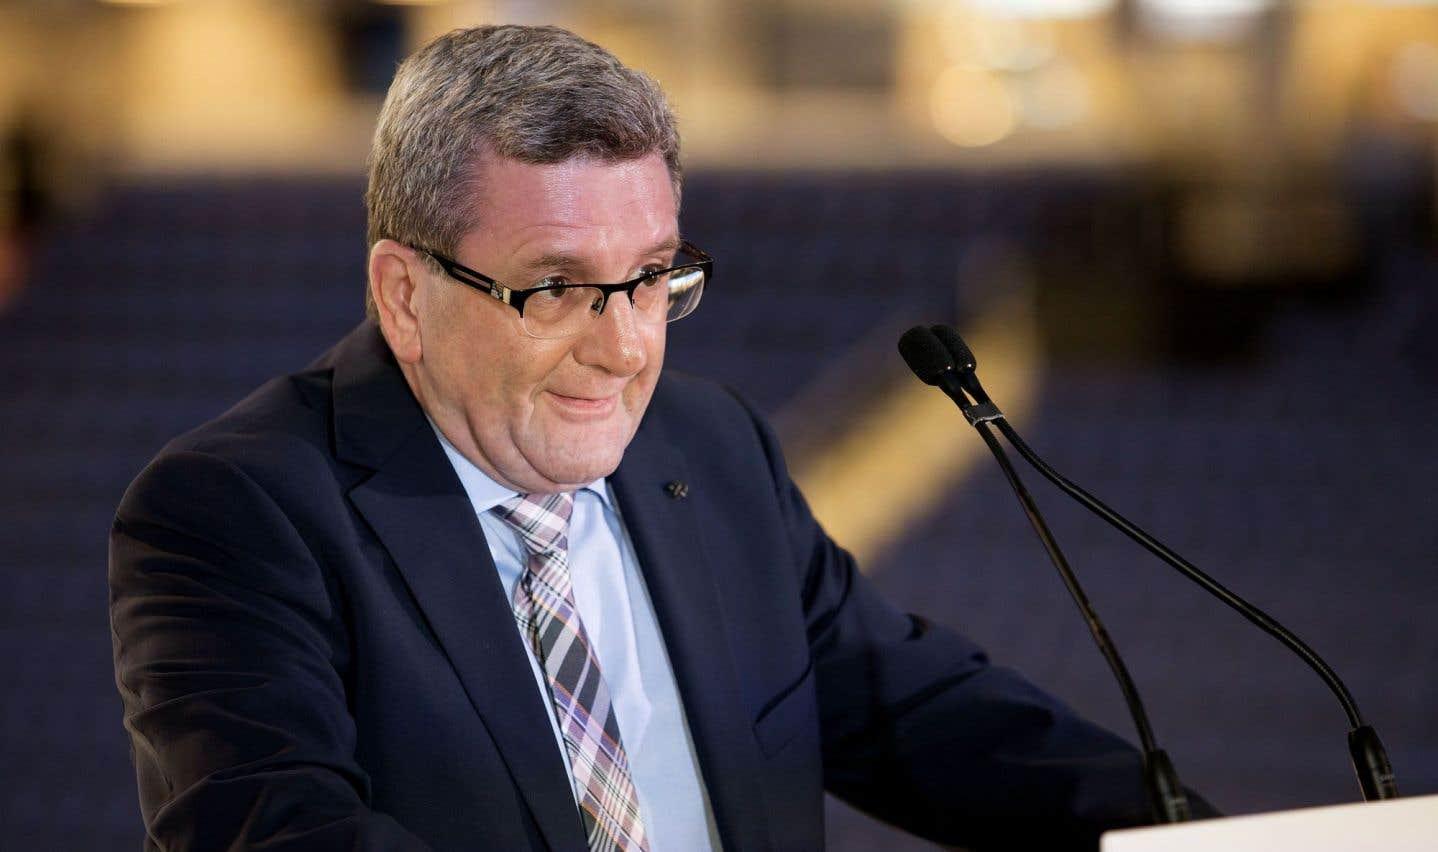 Deux mandats au maximum pour les futurs maires, plaident Guérette et Gosselin